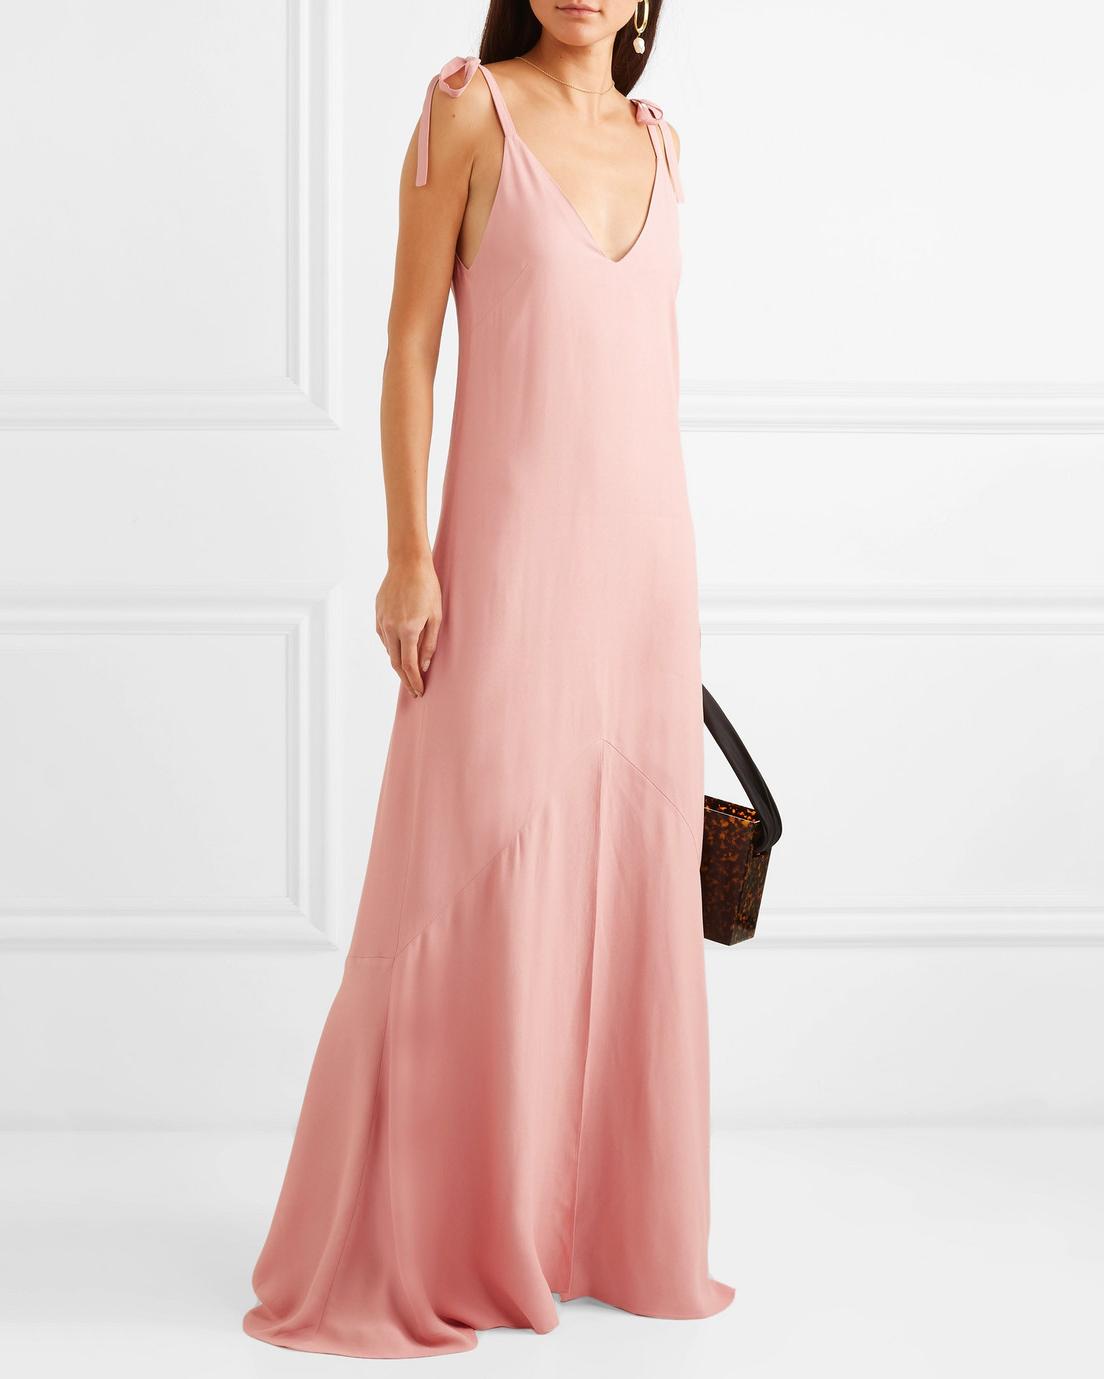 pink a-line bridesmaid v-neck dress